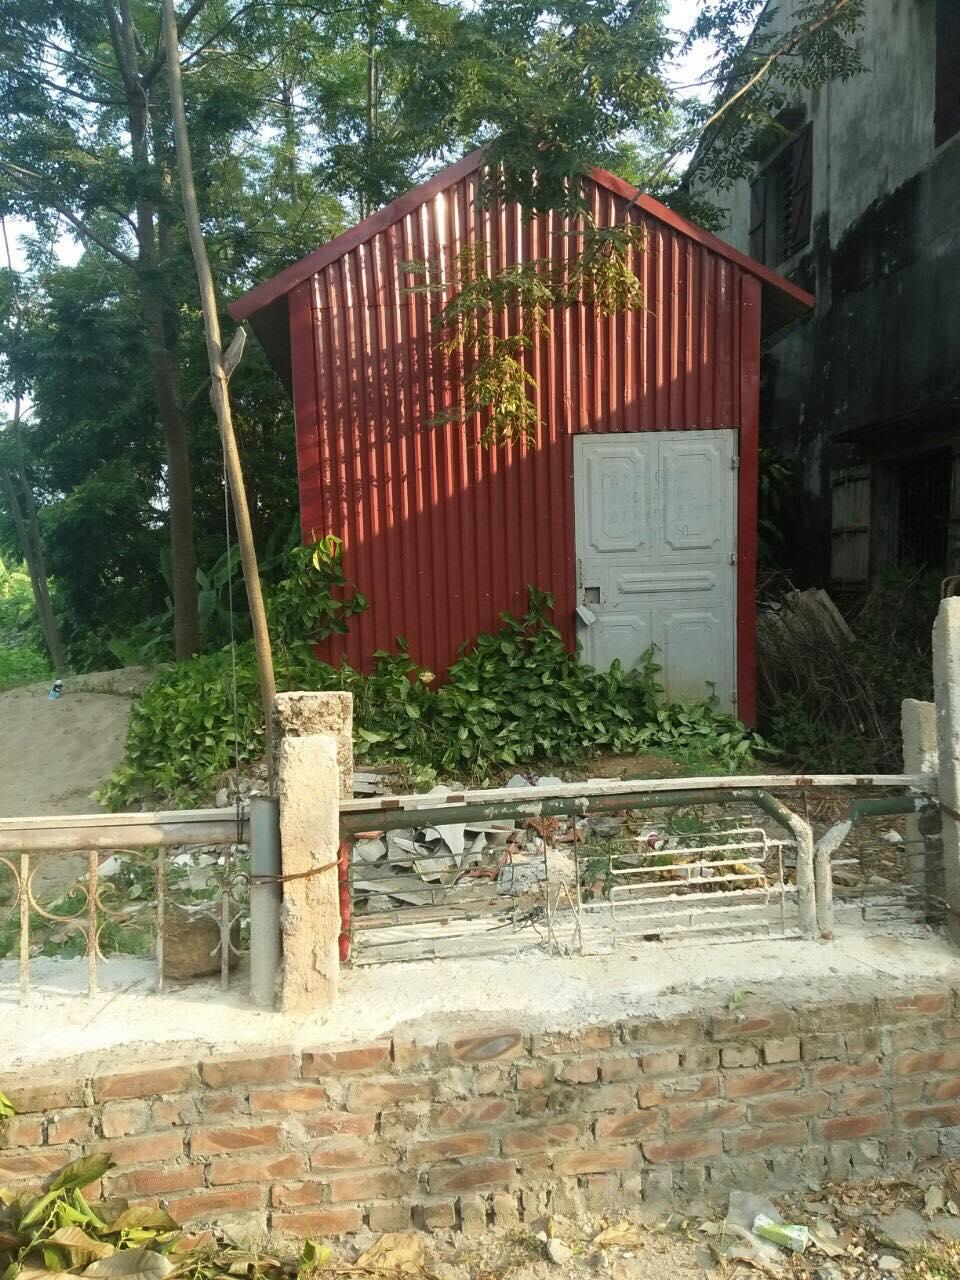 Sơn Tây - Hà Nội: Cần làm rõ việc cán bộ thôn cản trở người dân xây dựng nhà - Ảnh 2